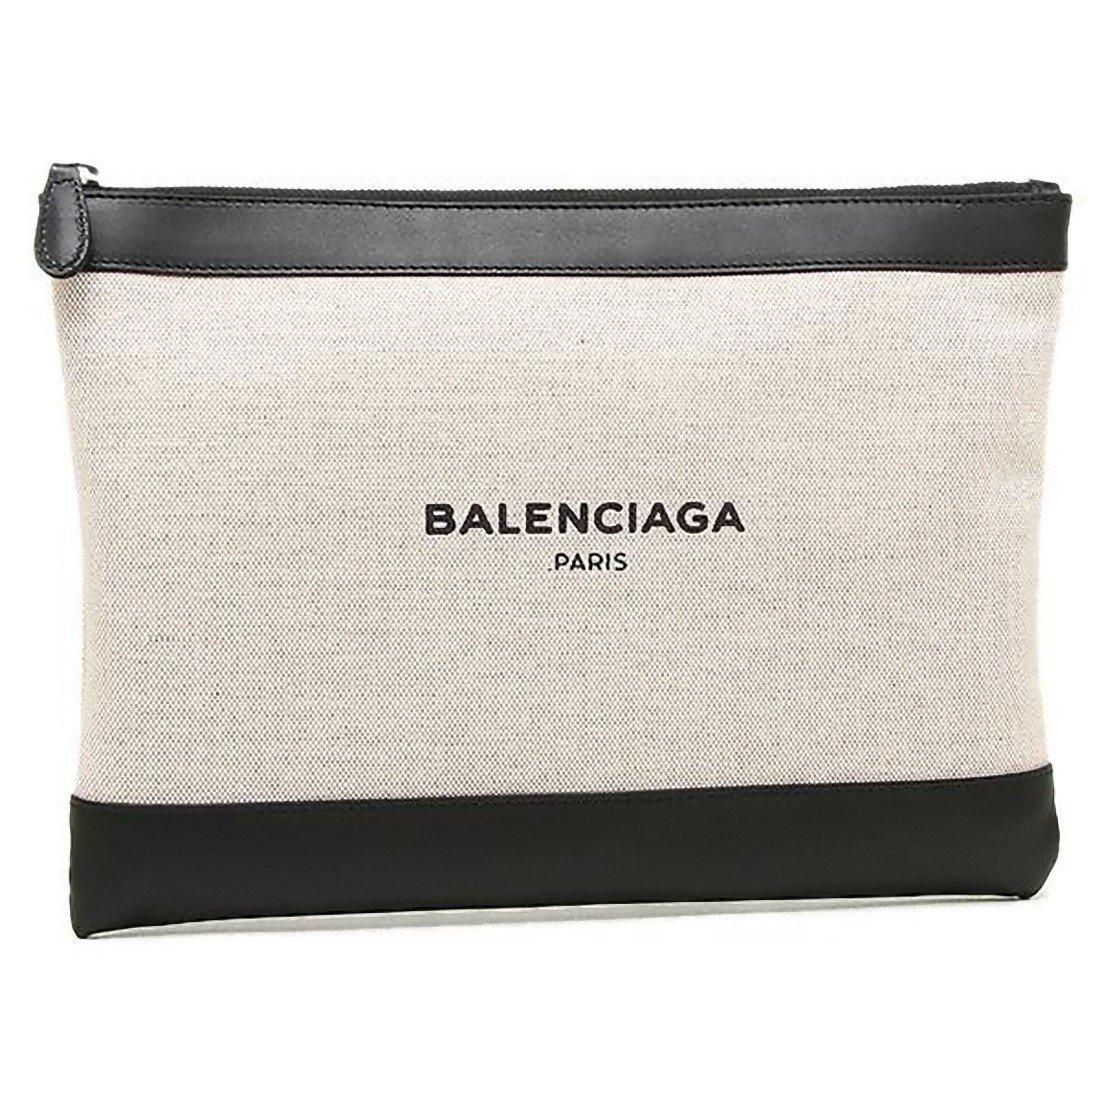 (バレンシアガ) BALENCIAGA バレンシアガ バッグ BALENCIAGA 420407 AQ37N 1080 NAVY CLIP M クラッチバッグ NATUREL/NOIR [並行輸入品] B01LA8KY88